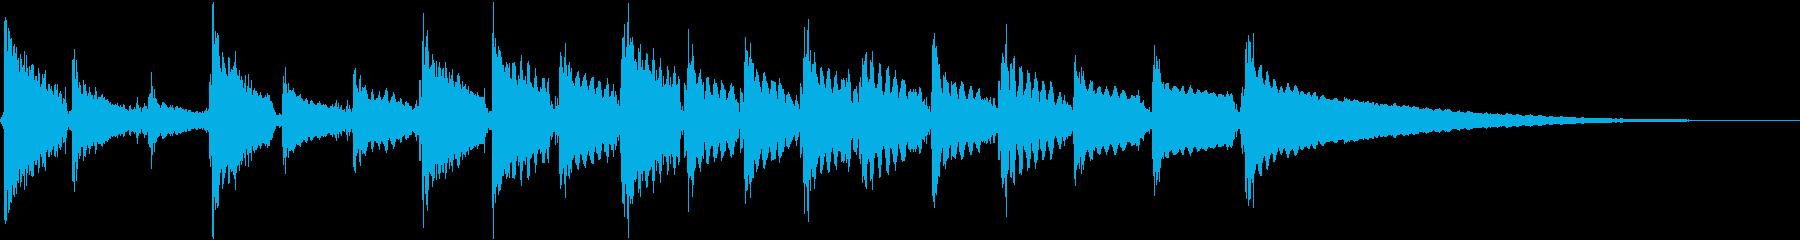 音響ギター:奇異なアクセント、漫画...の再生済みの波形